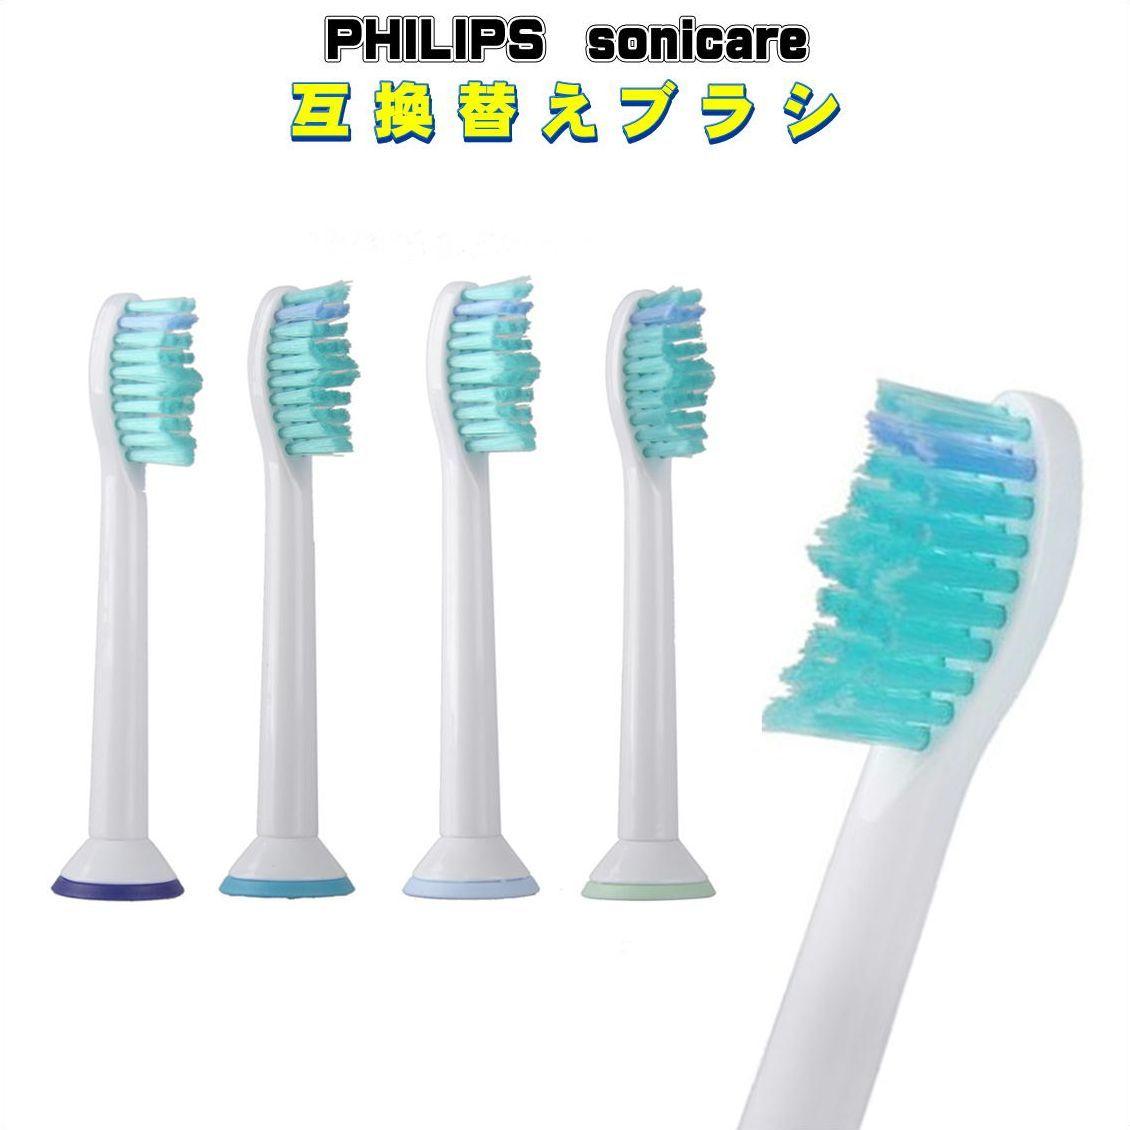 フィリップス ソニッケアー 替えブラシ 互換 プロリザルツ ブラシヘッド スタンダード HX6014 電動歯ブラシ P-HX-6014 互換替えブラシ 4本セット